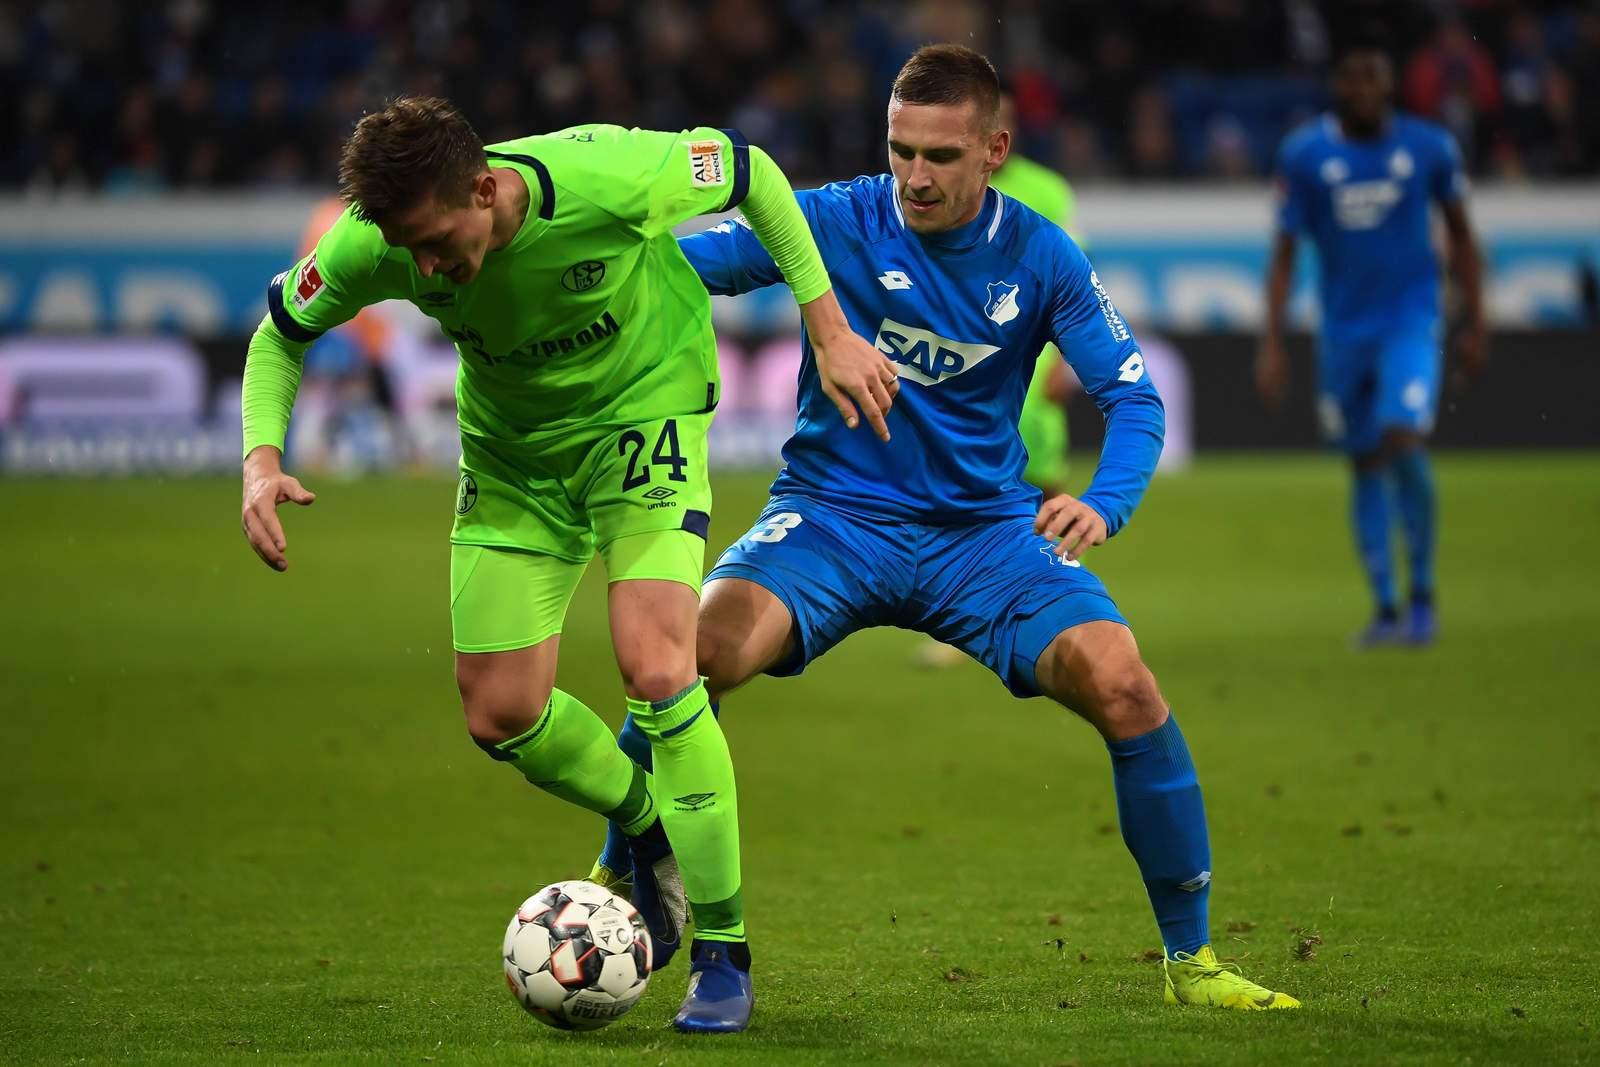 Kann Pavel Kadarabek seine Abwehrseite gegen Bastian Oczipka sichern? Jetzt auf Schalke gegen Hoffenheim wetten!